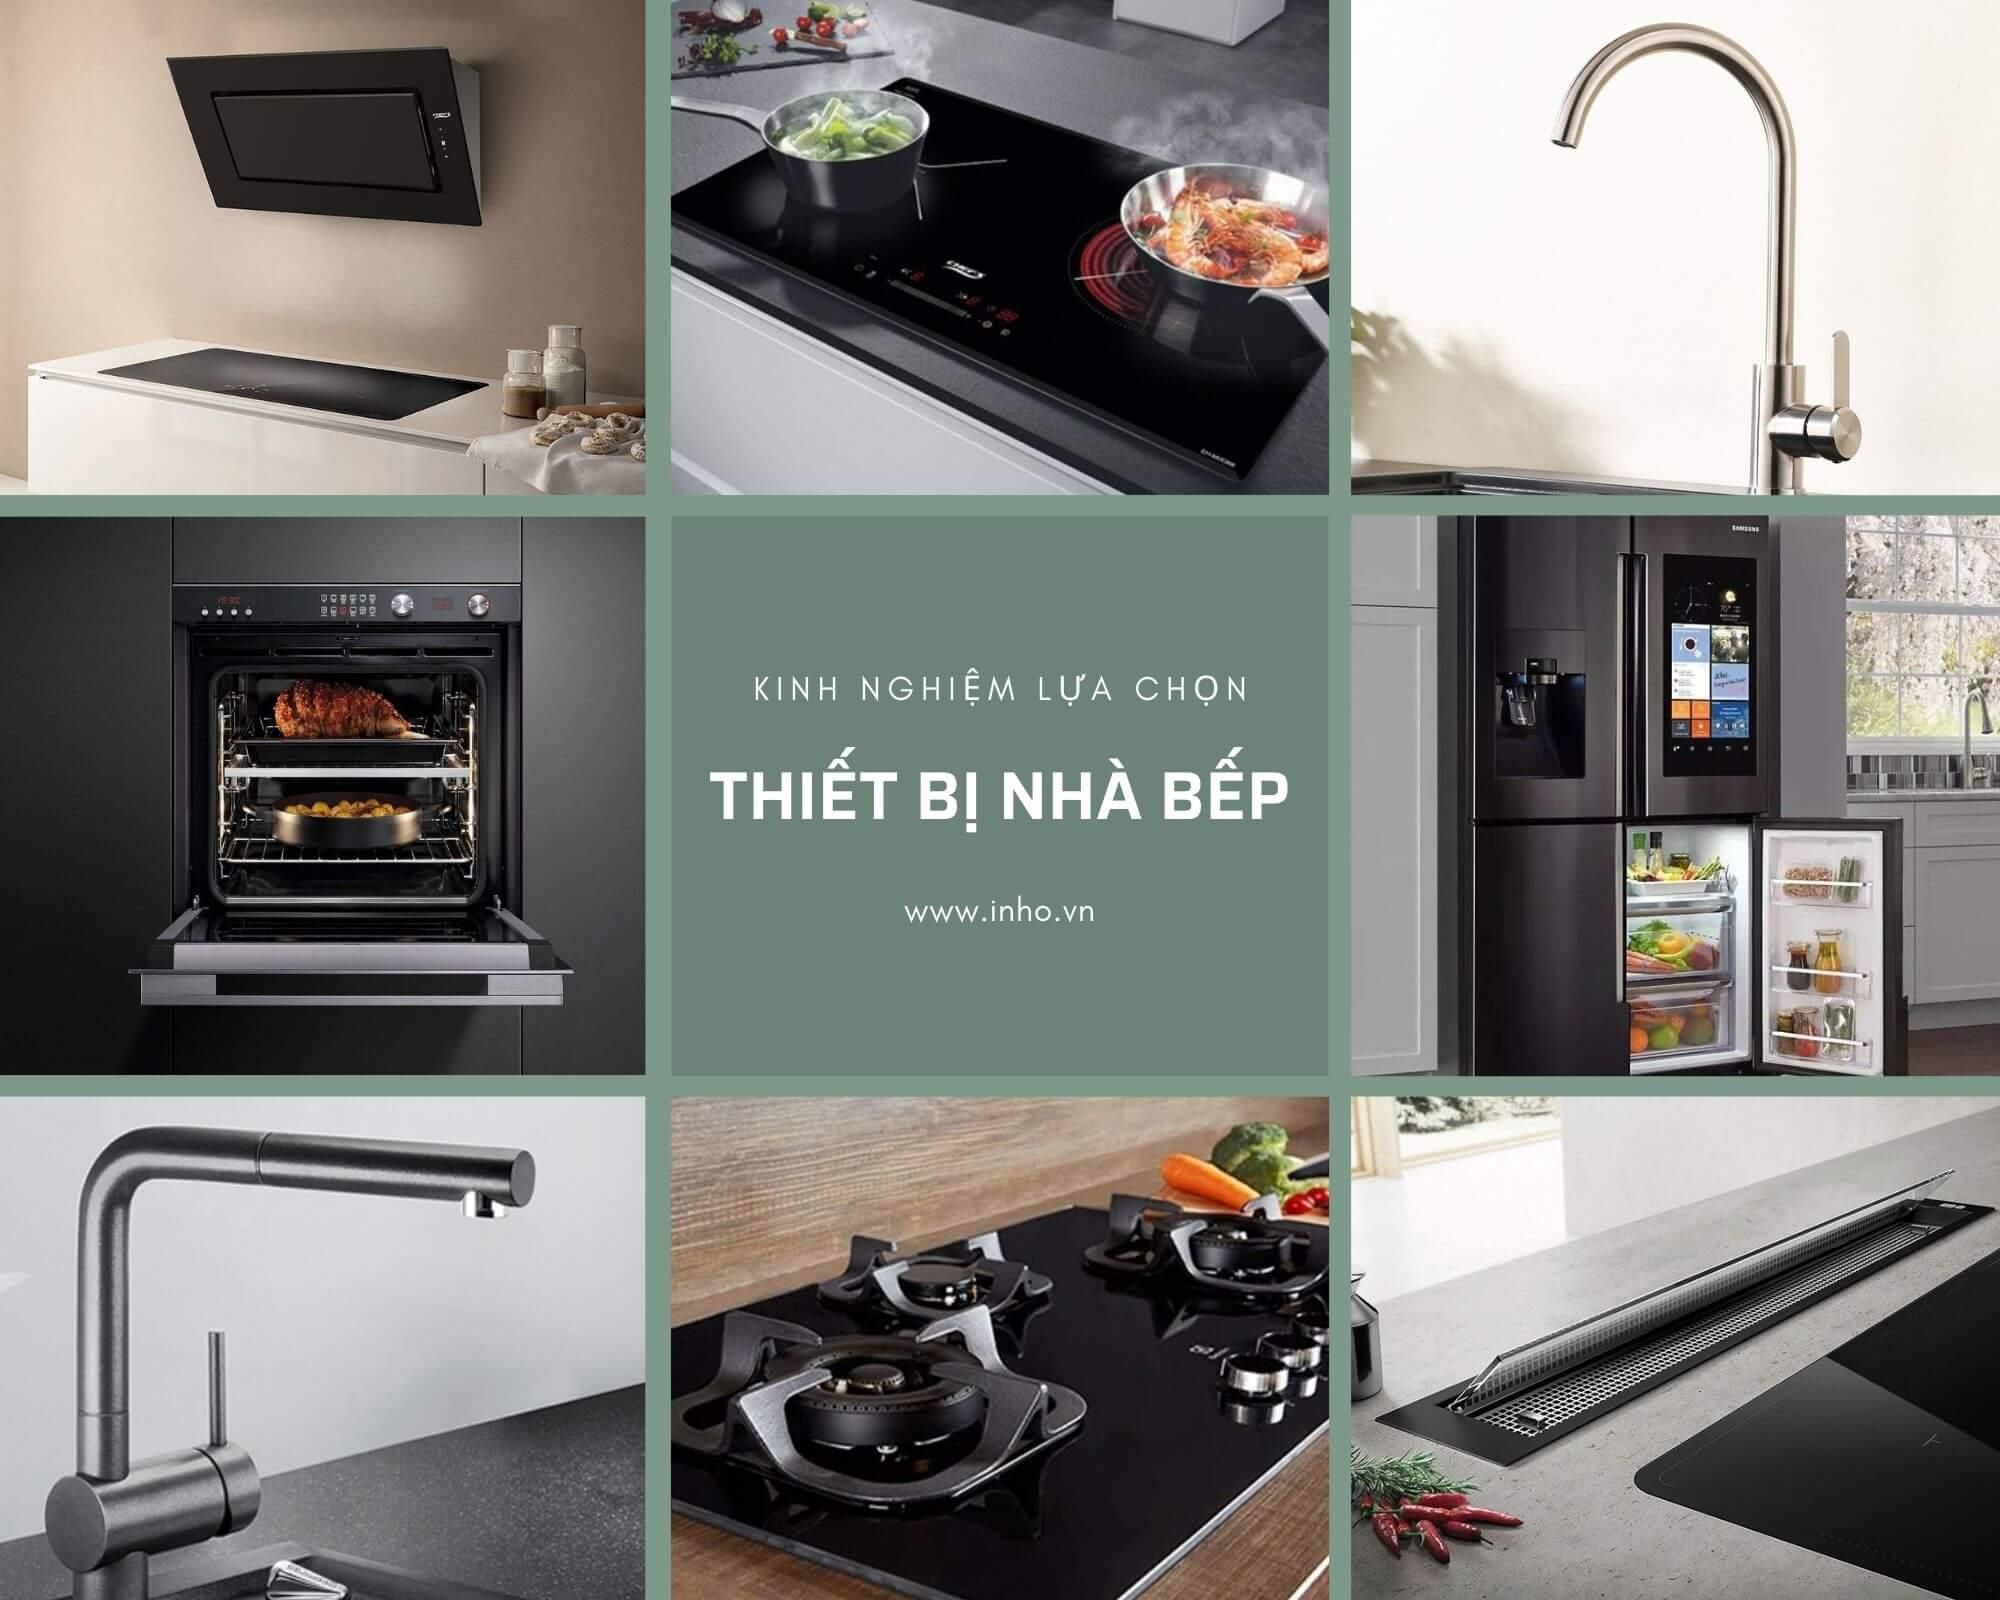 Hình ảnh báo giá thiết bị nhà bếp